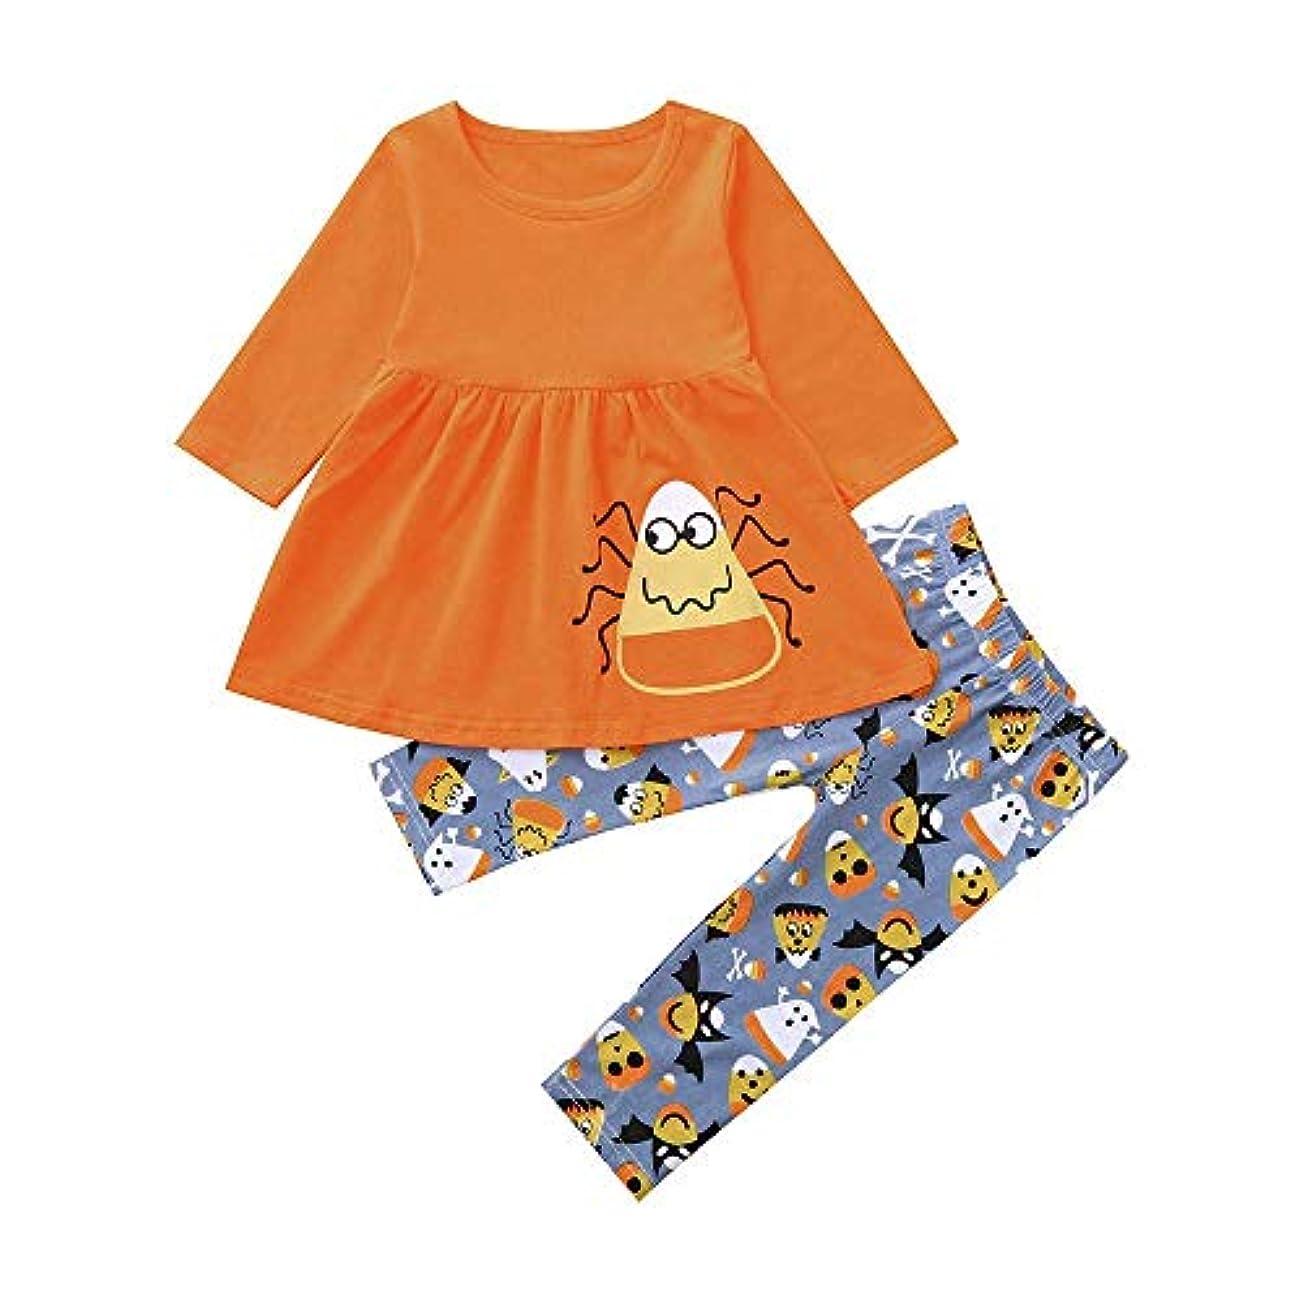 開梱下位不完全BHKK 幼児の女の子ロングスリーブプリントトップス+パンツハロウィーンの装飾セット 24ヶ月 -6 歳 24ヶ月